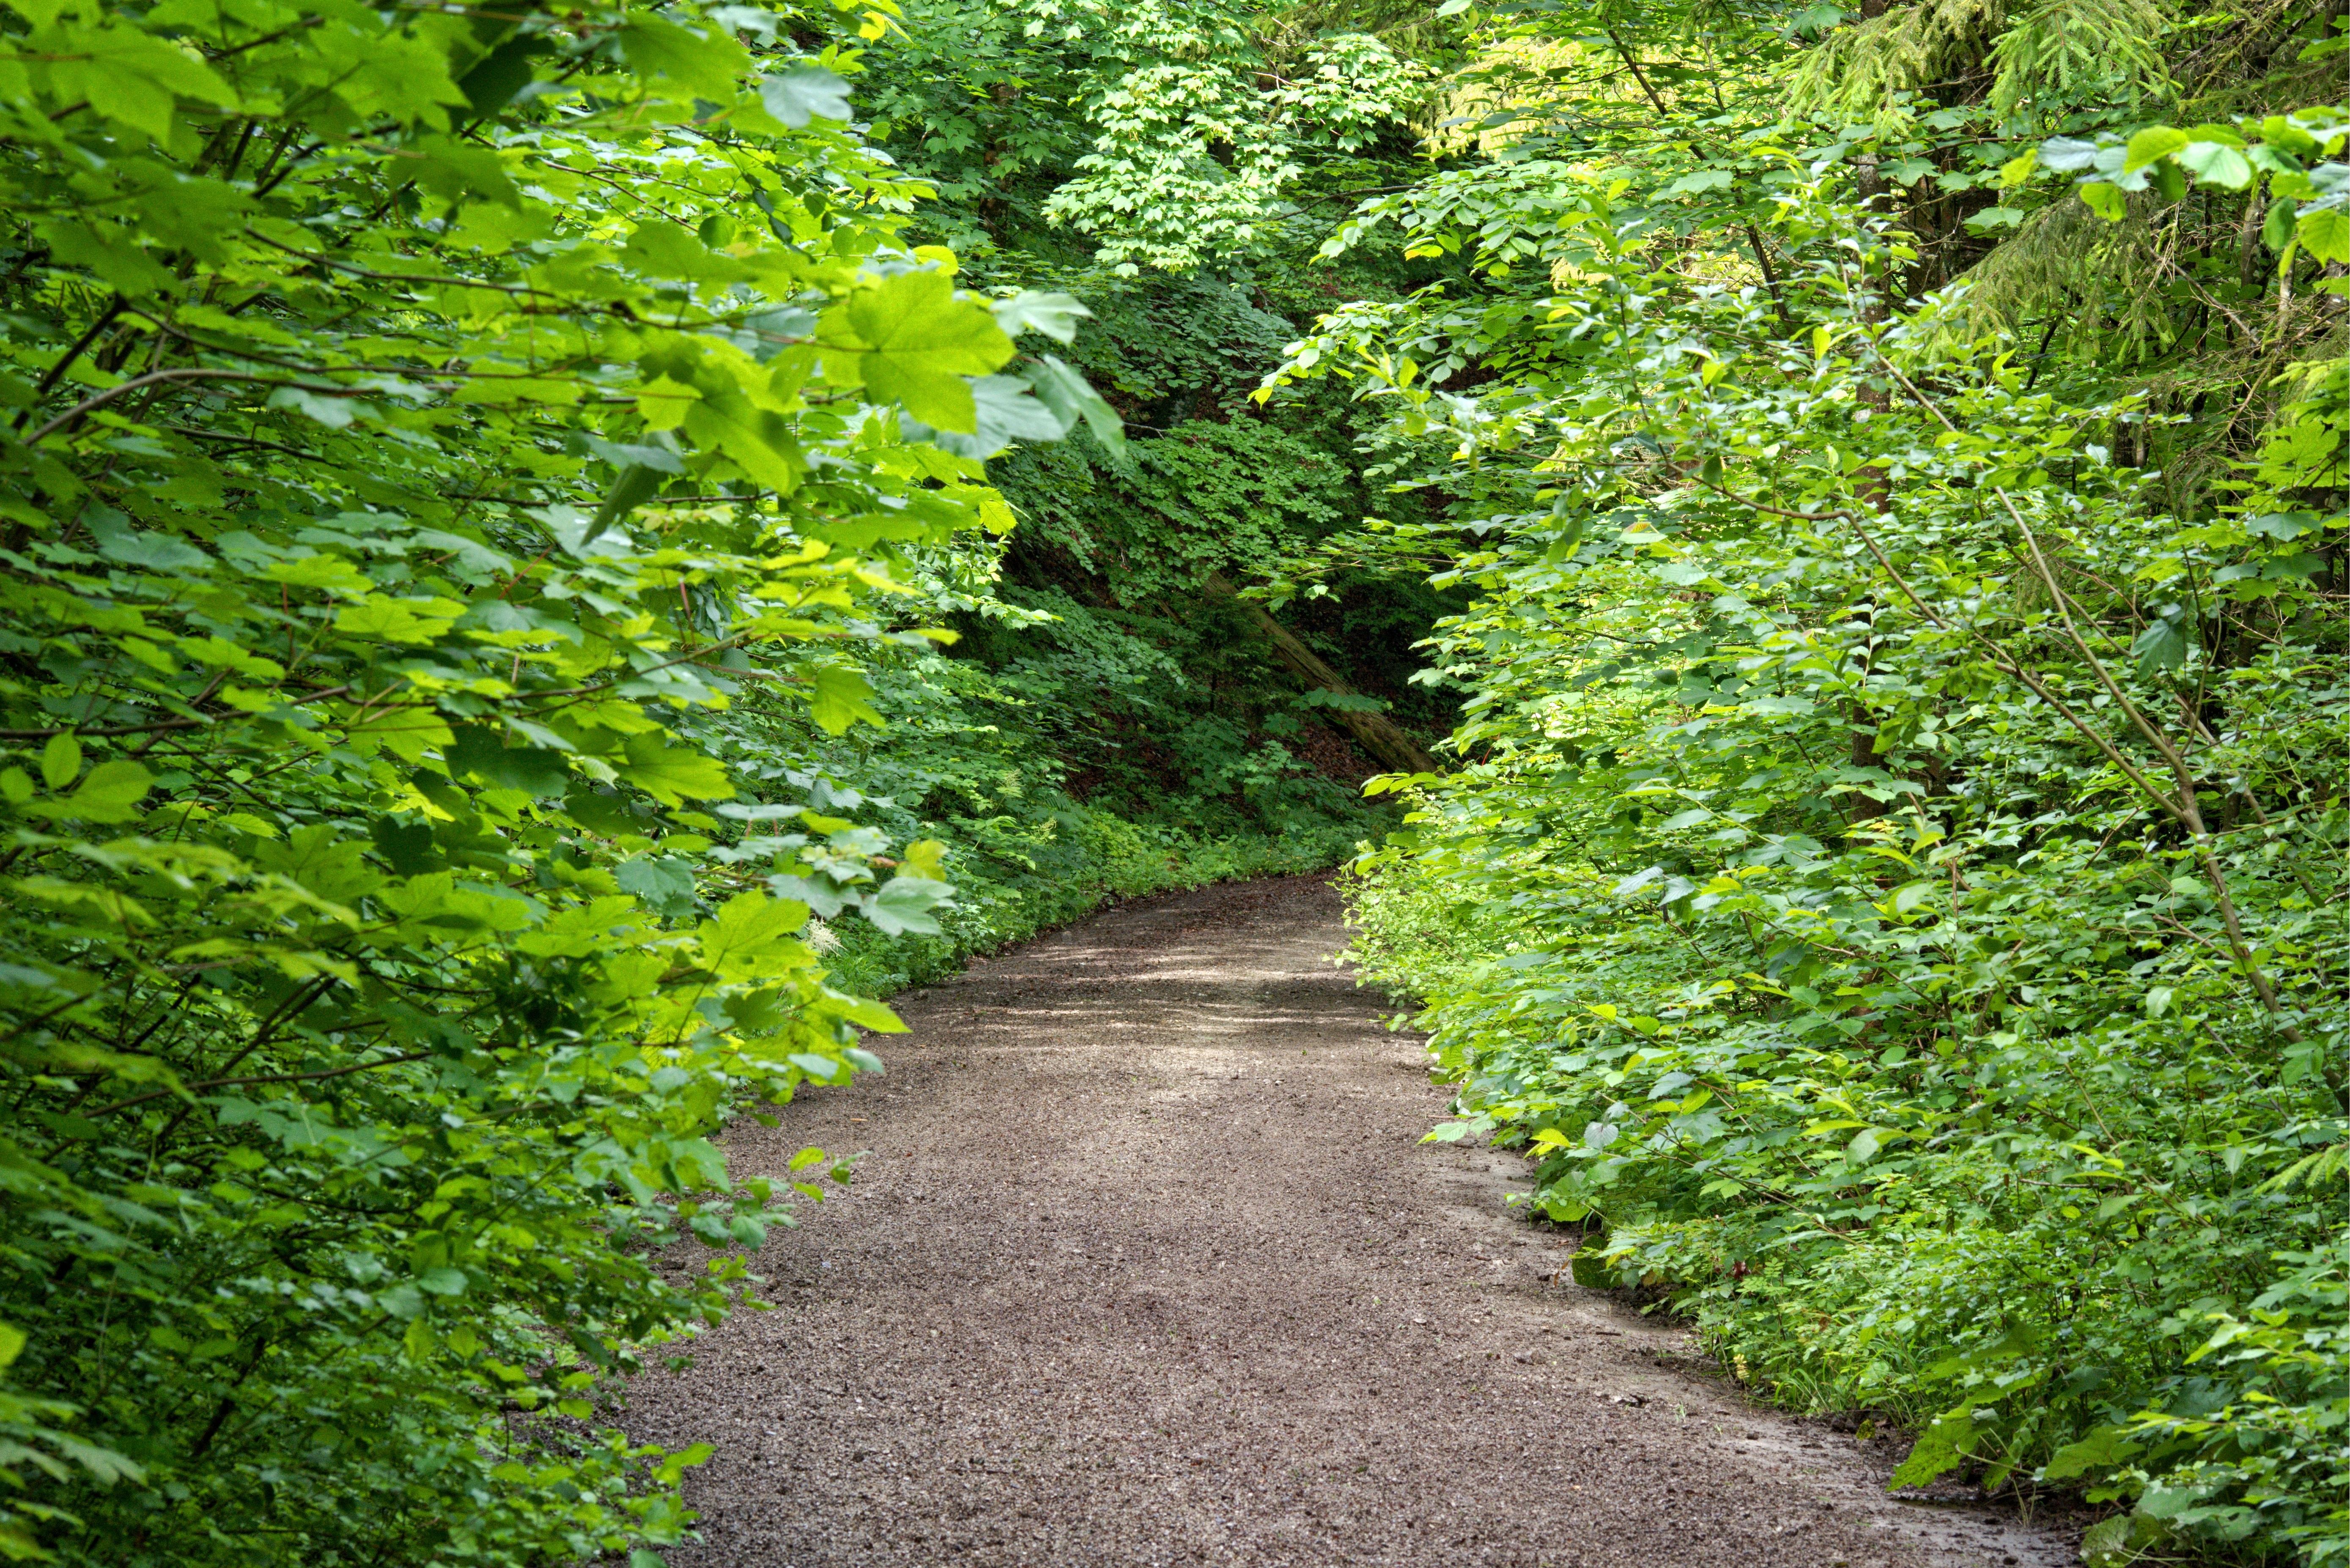 картинки с кустами в лесу журнале вышла обнажённая